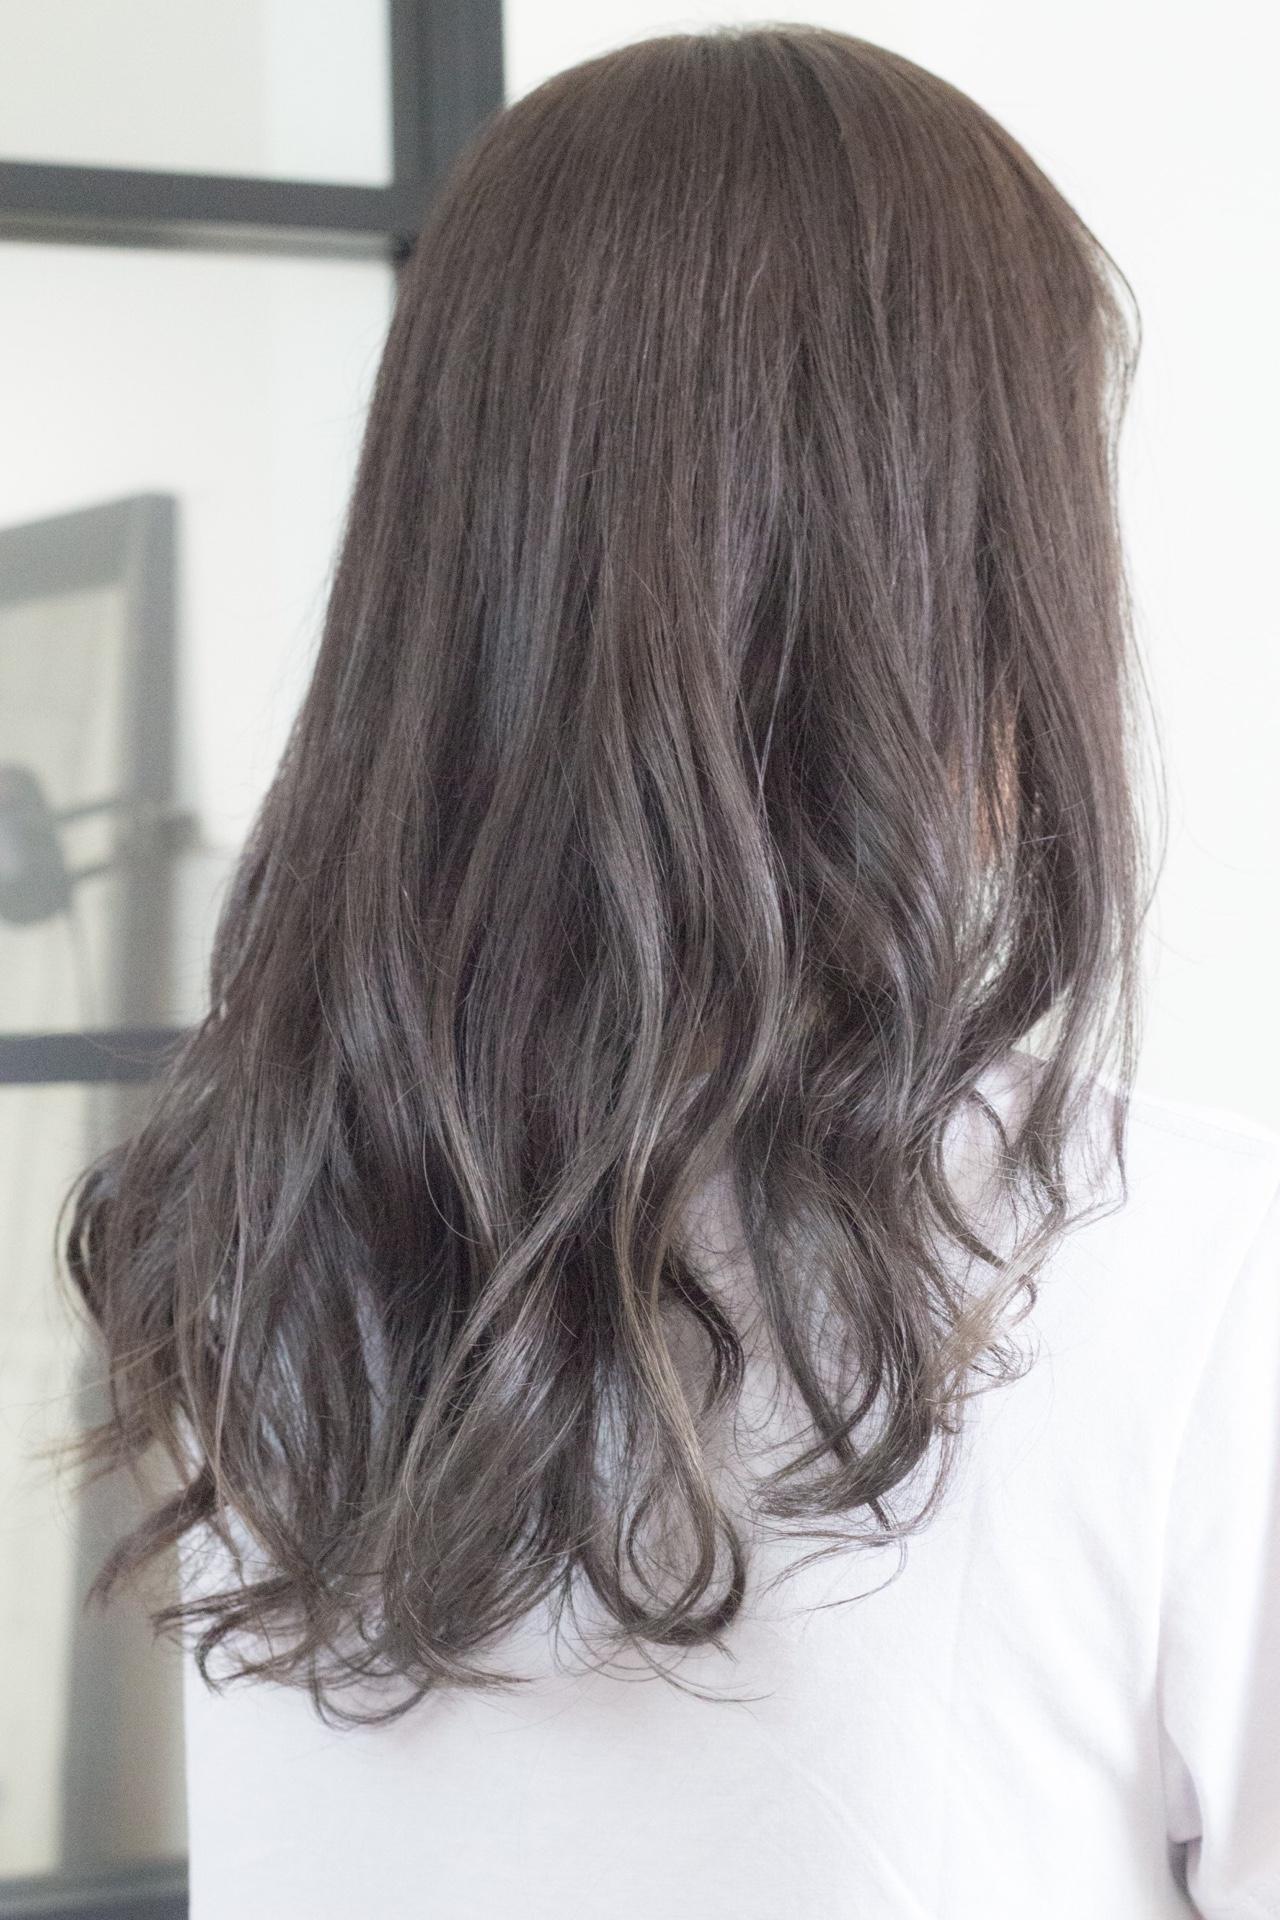 硬い髪を柔らかく見せる